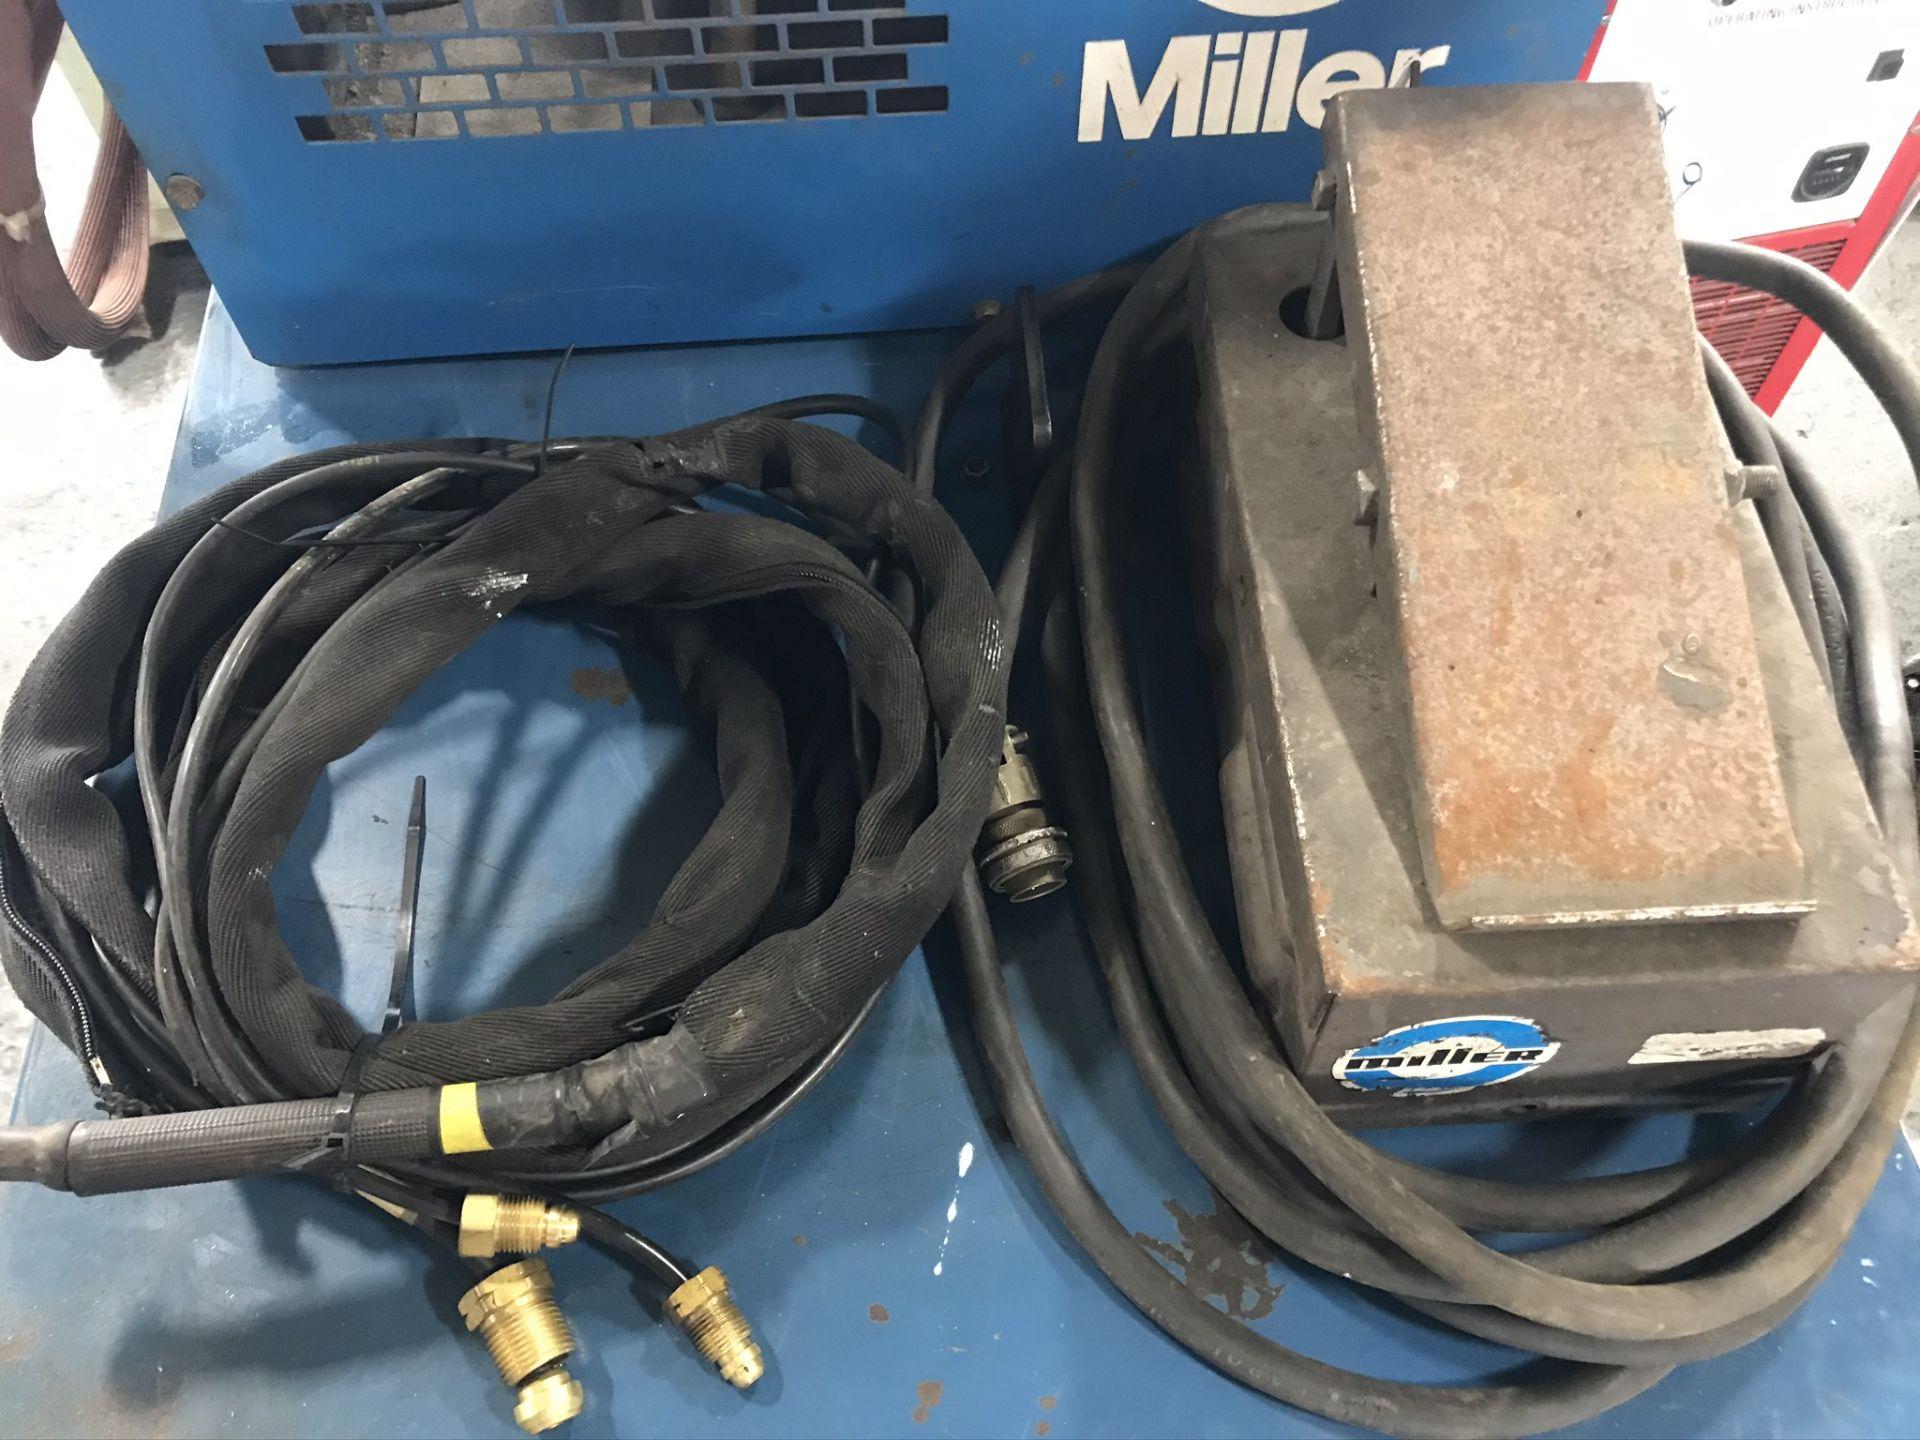 Miller Syncrowave 300 Welder w/ Miller Radiator 1A Cooling System - Image 4 of 4